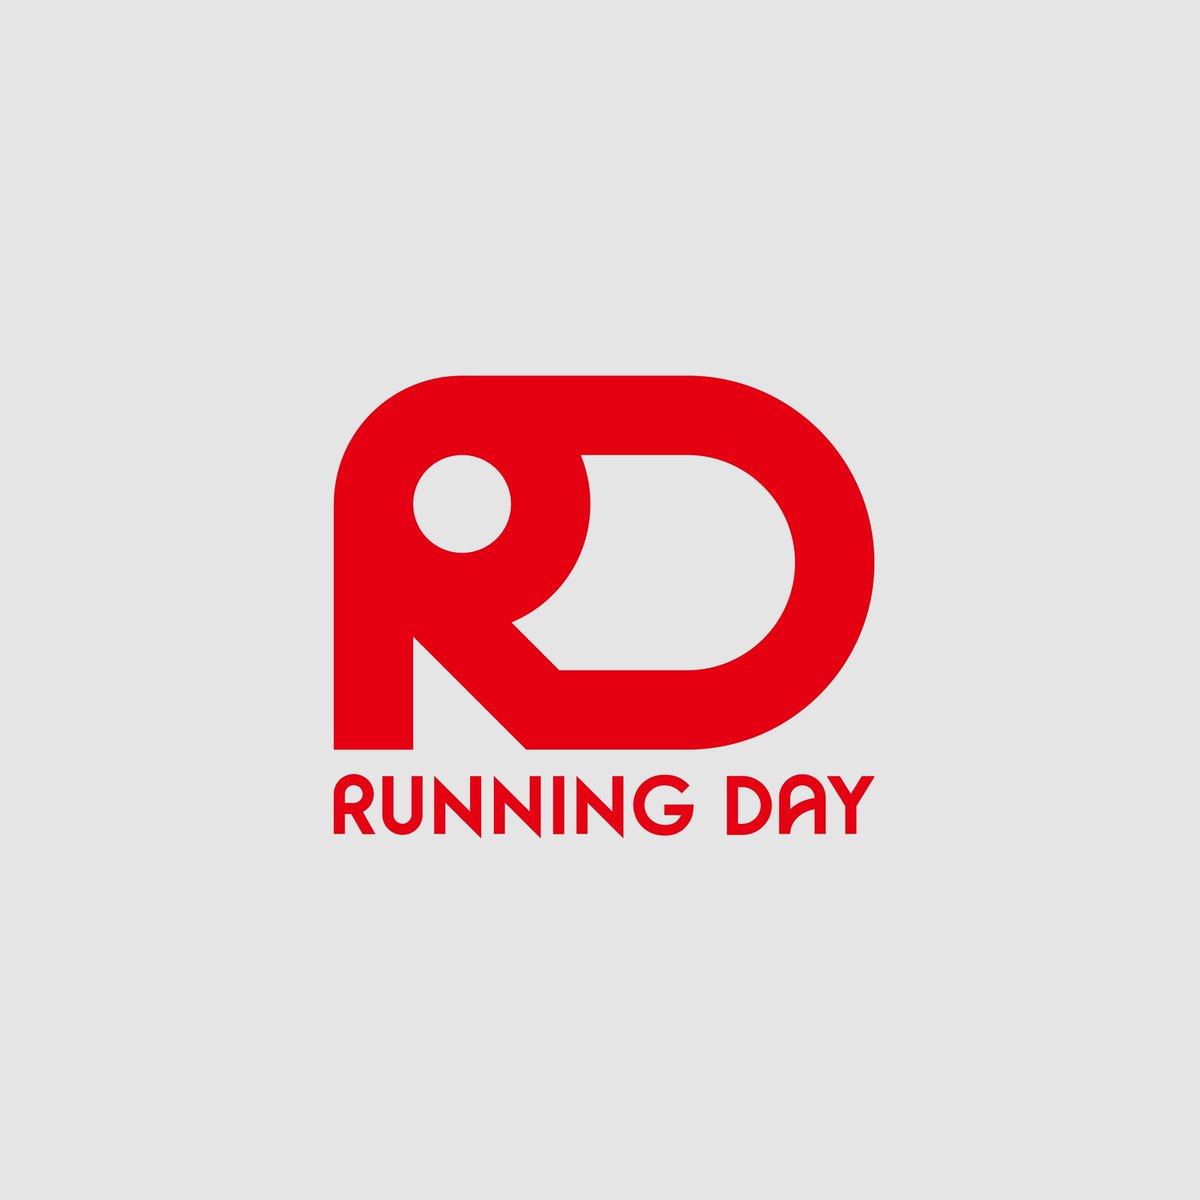 JAAF主催「RUNNING DAY』のVI担当しました。 コロナの影響で土曜が中止になったり大変だったようですが、今日は気持ち良いランニング日和で何よりでした。 niko and... のブランドNUMERALSとのコラボでランTも売ってます。原宿店とかで買えるのでこちらも是非。 #runningday https://www.instagram.com/yu_myzkpic.twitter.com/A7Ne2ghcDv